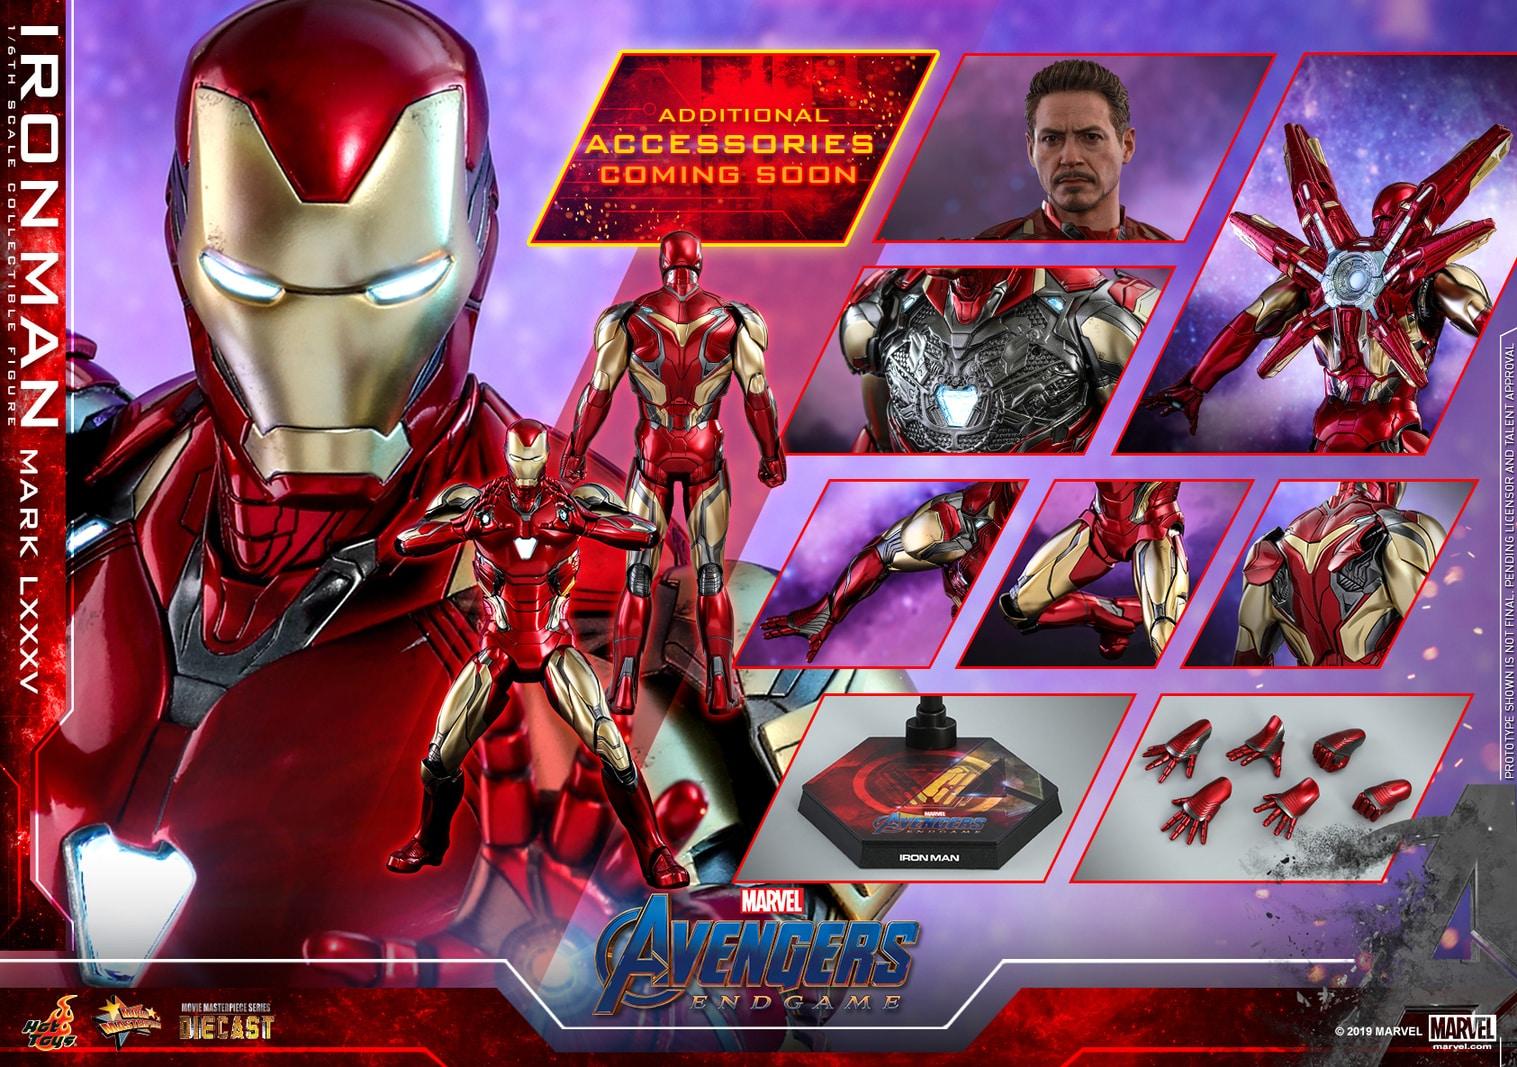 「予約品」Hottoys ホットトイズMMS528D30 『アベンジャーズ/エンドゲーム』アイアンマン・マーク85 1/6スケールフィギュア Avengers: Endgame - Iron Man Mark 85